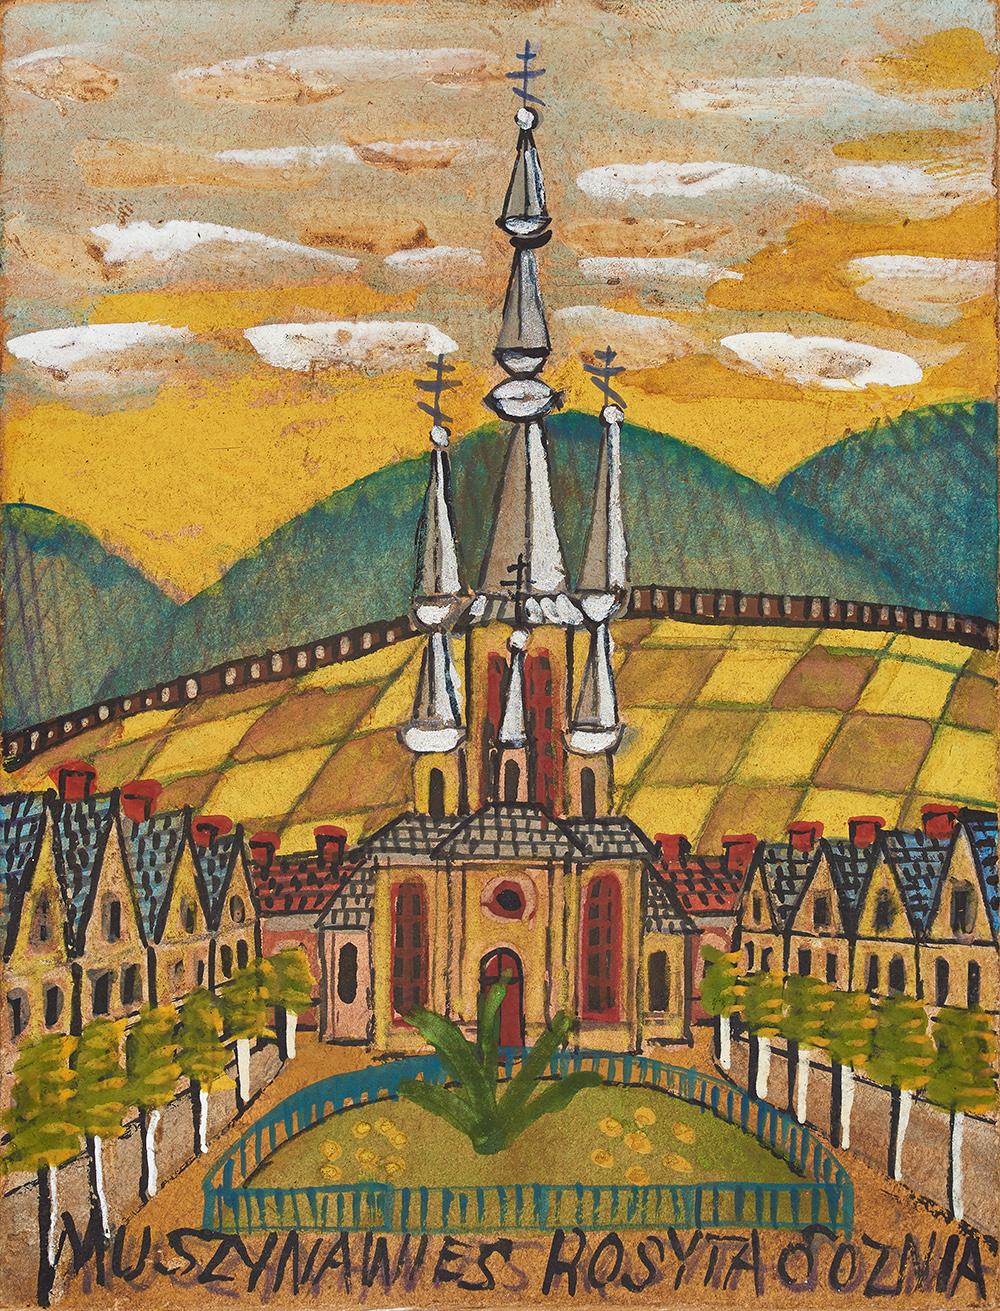 Kościół w Muszynie